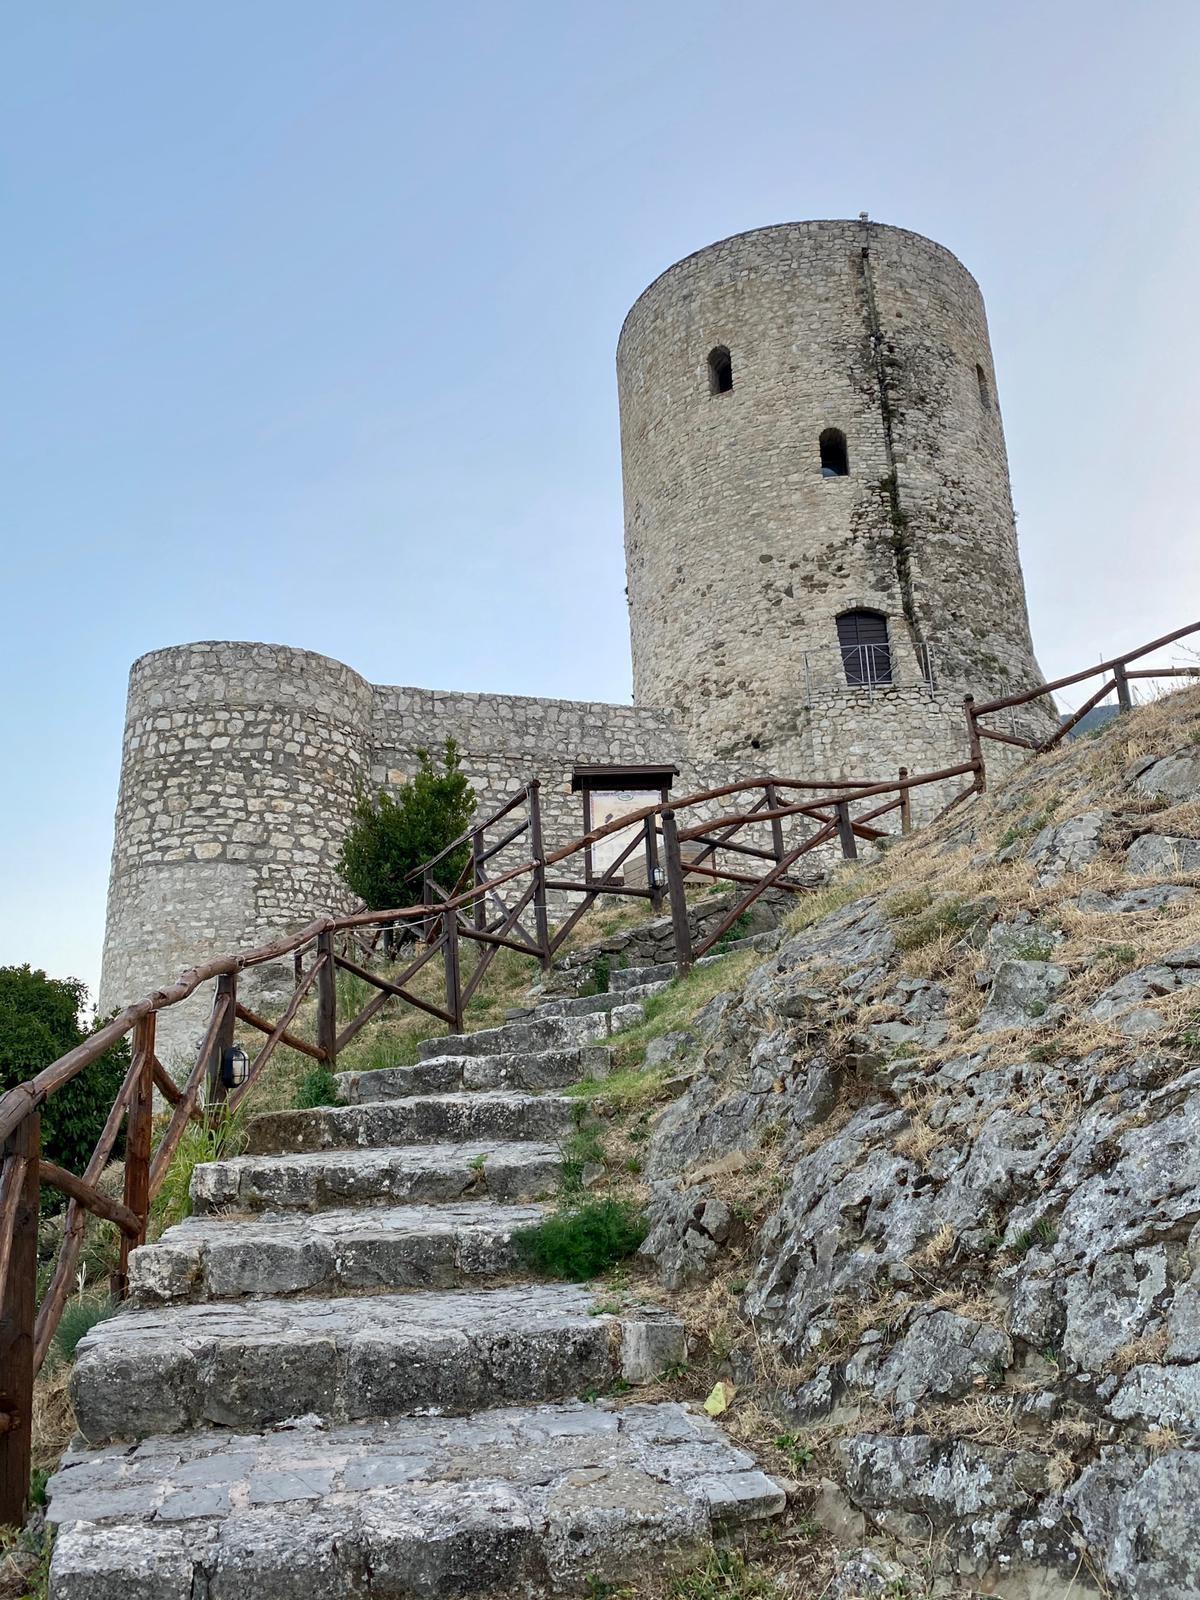 Locri e Summonte... due splendide location per la Neapolitan Contamination - 17